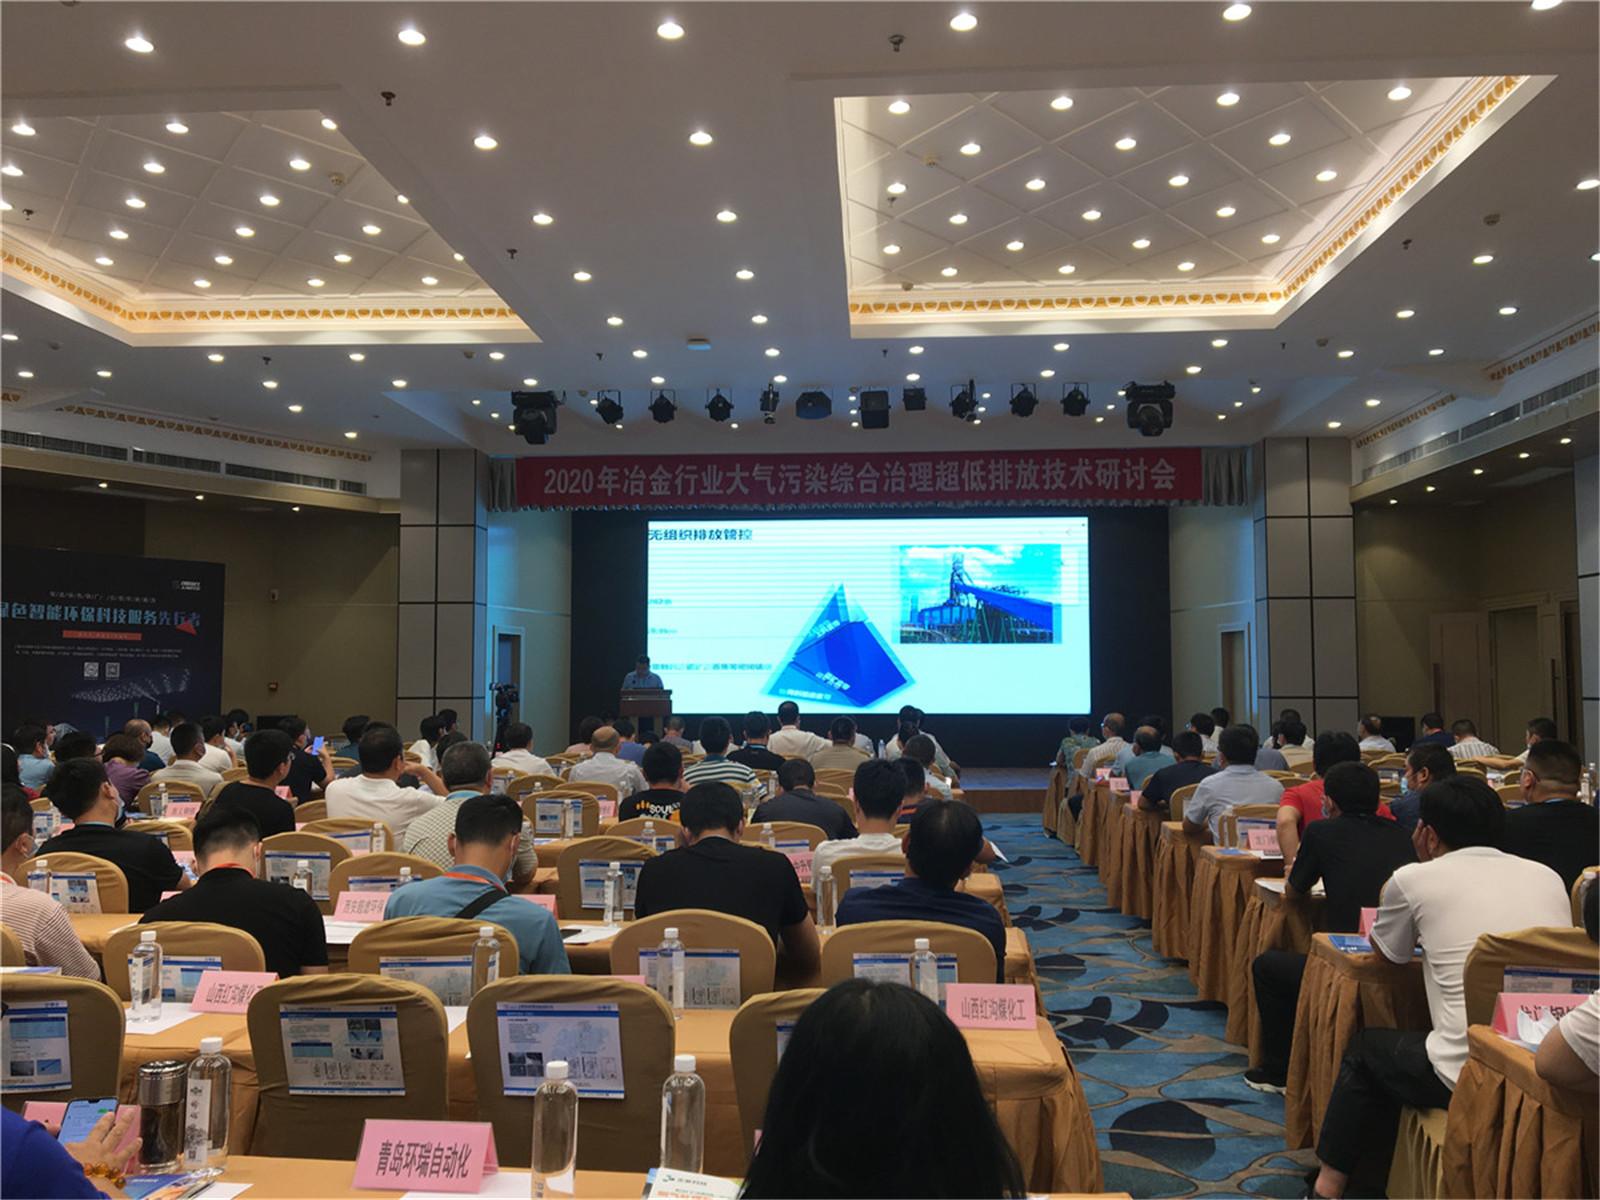 行业 | 2020年冶金行业大气污染综合治理超低排放技术研讨会在西安顺利召开!